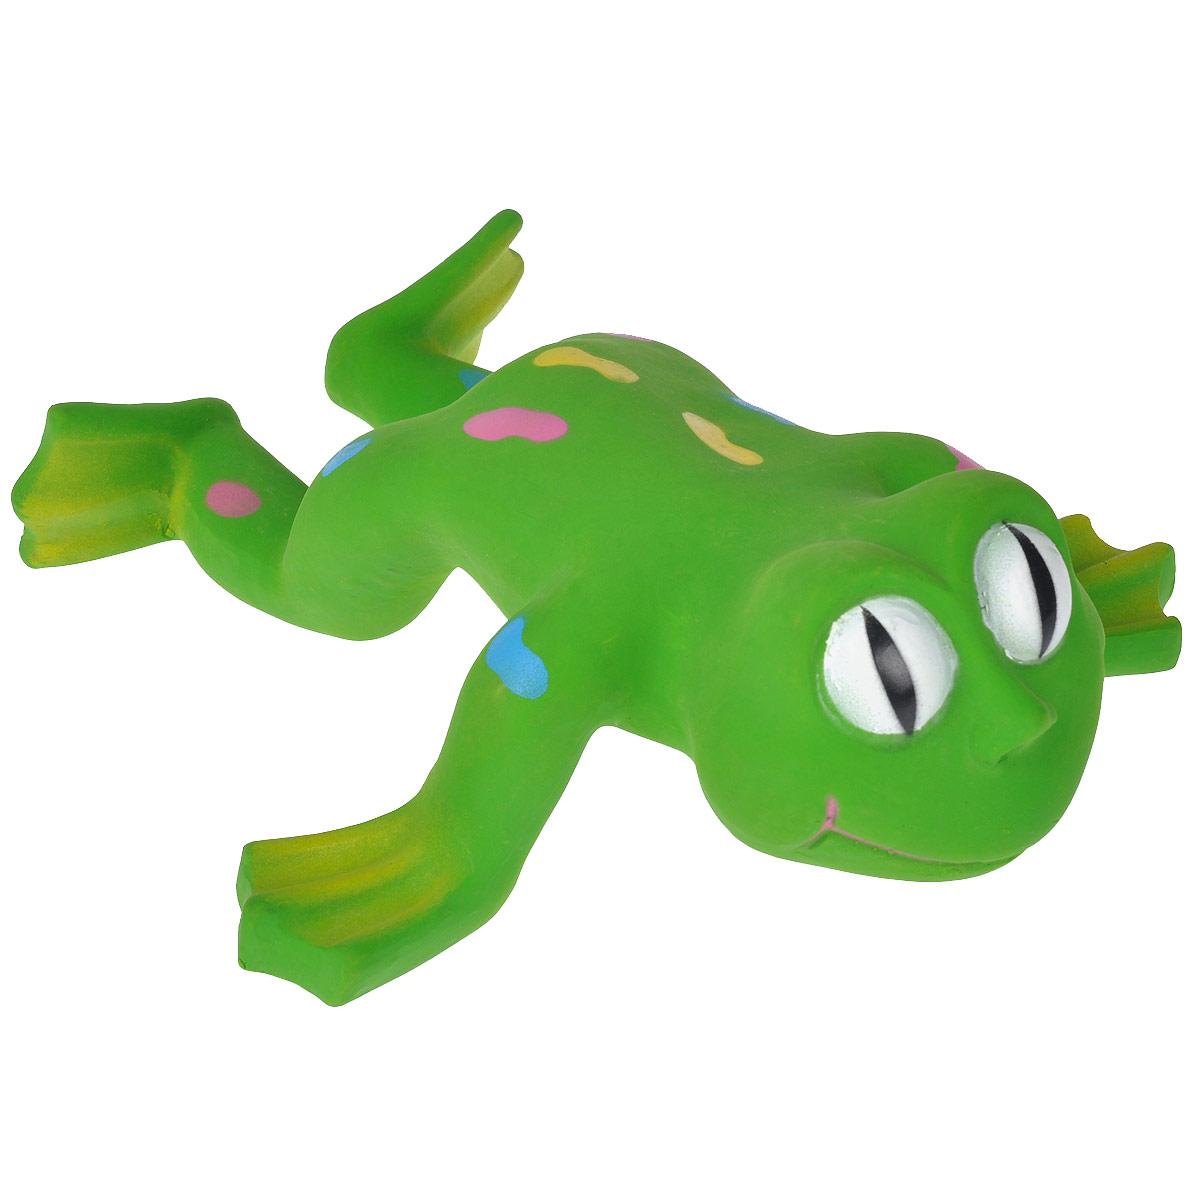 Игрушка для собак I.P.T.S. Лягушка0120710Игрушка для собак I.P.T.S. Лягушка изготовлена излатекса в виде большой лягушки с цветными пятнами на спине, с пищалкой внутри. Предназначена для игр с собаками разных возрастов. Такая игрушка привлечет внимание вашего любимца и не оставит его равнодушным. Длина: 24 см.